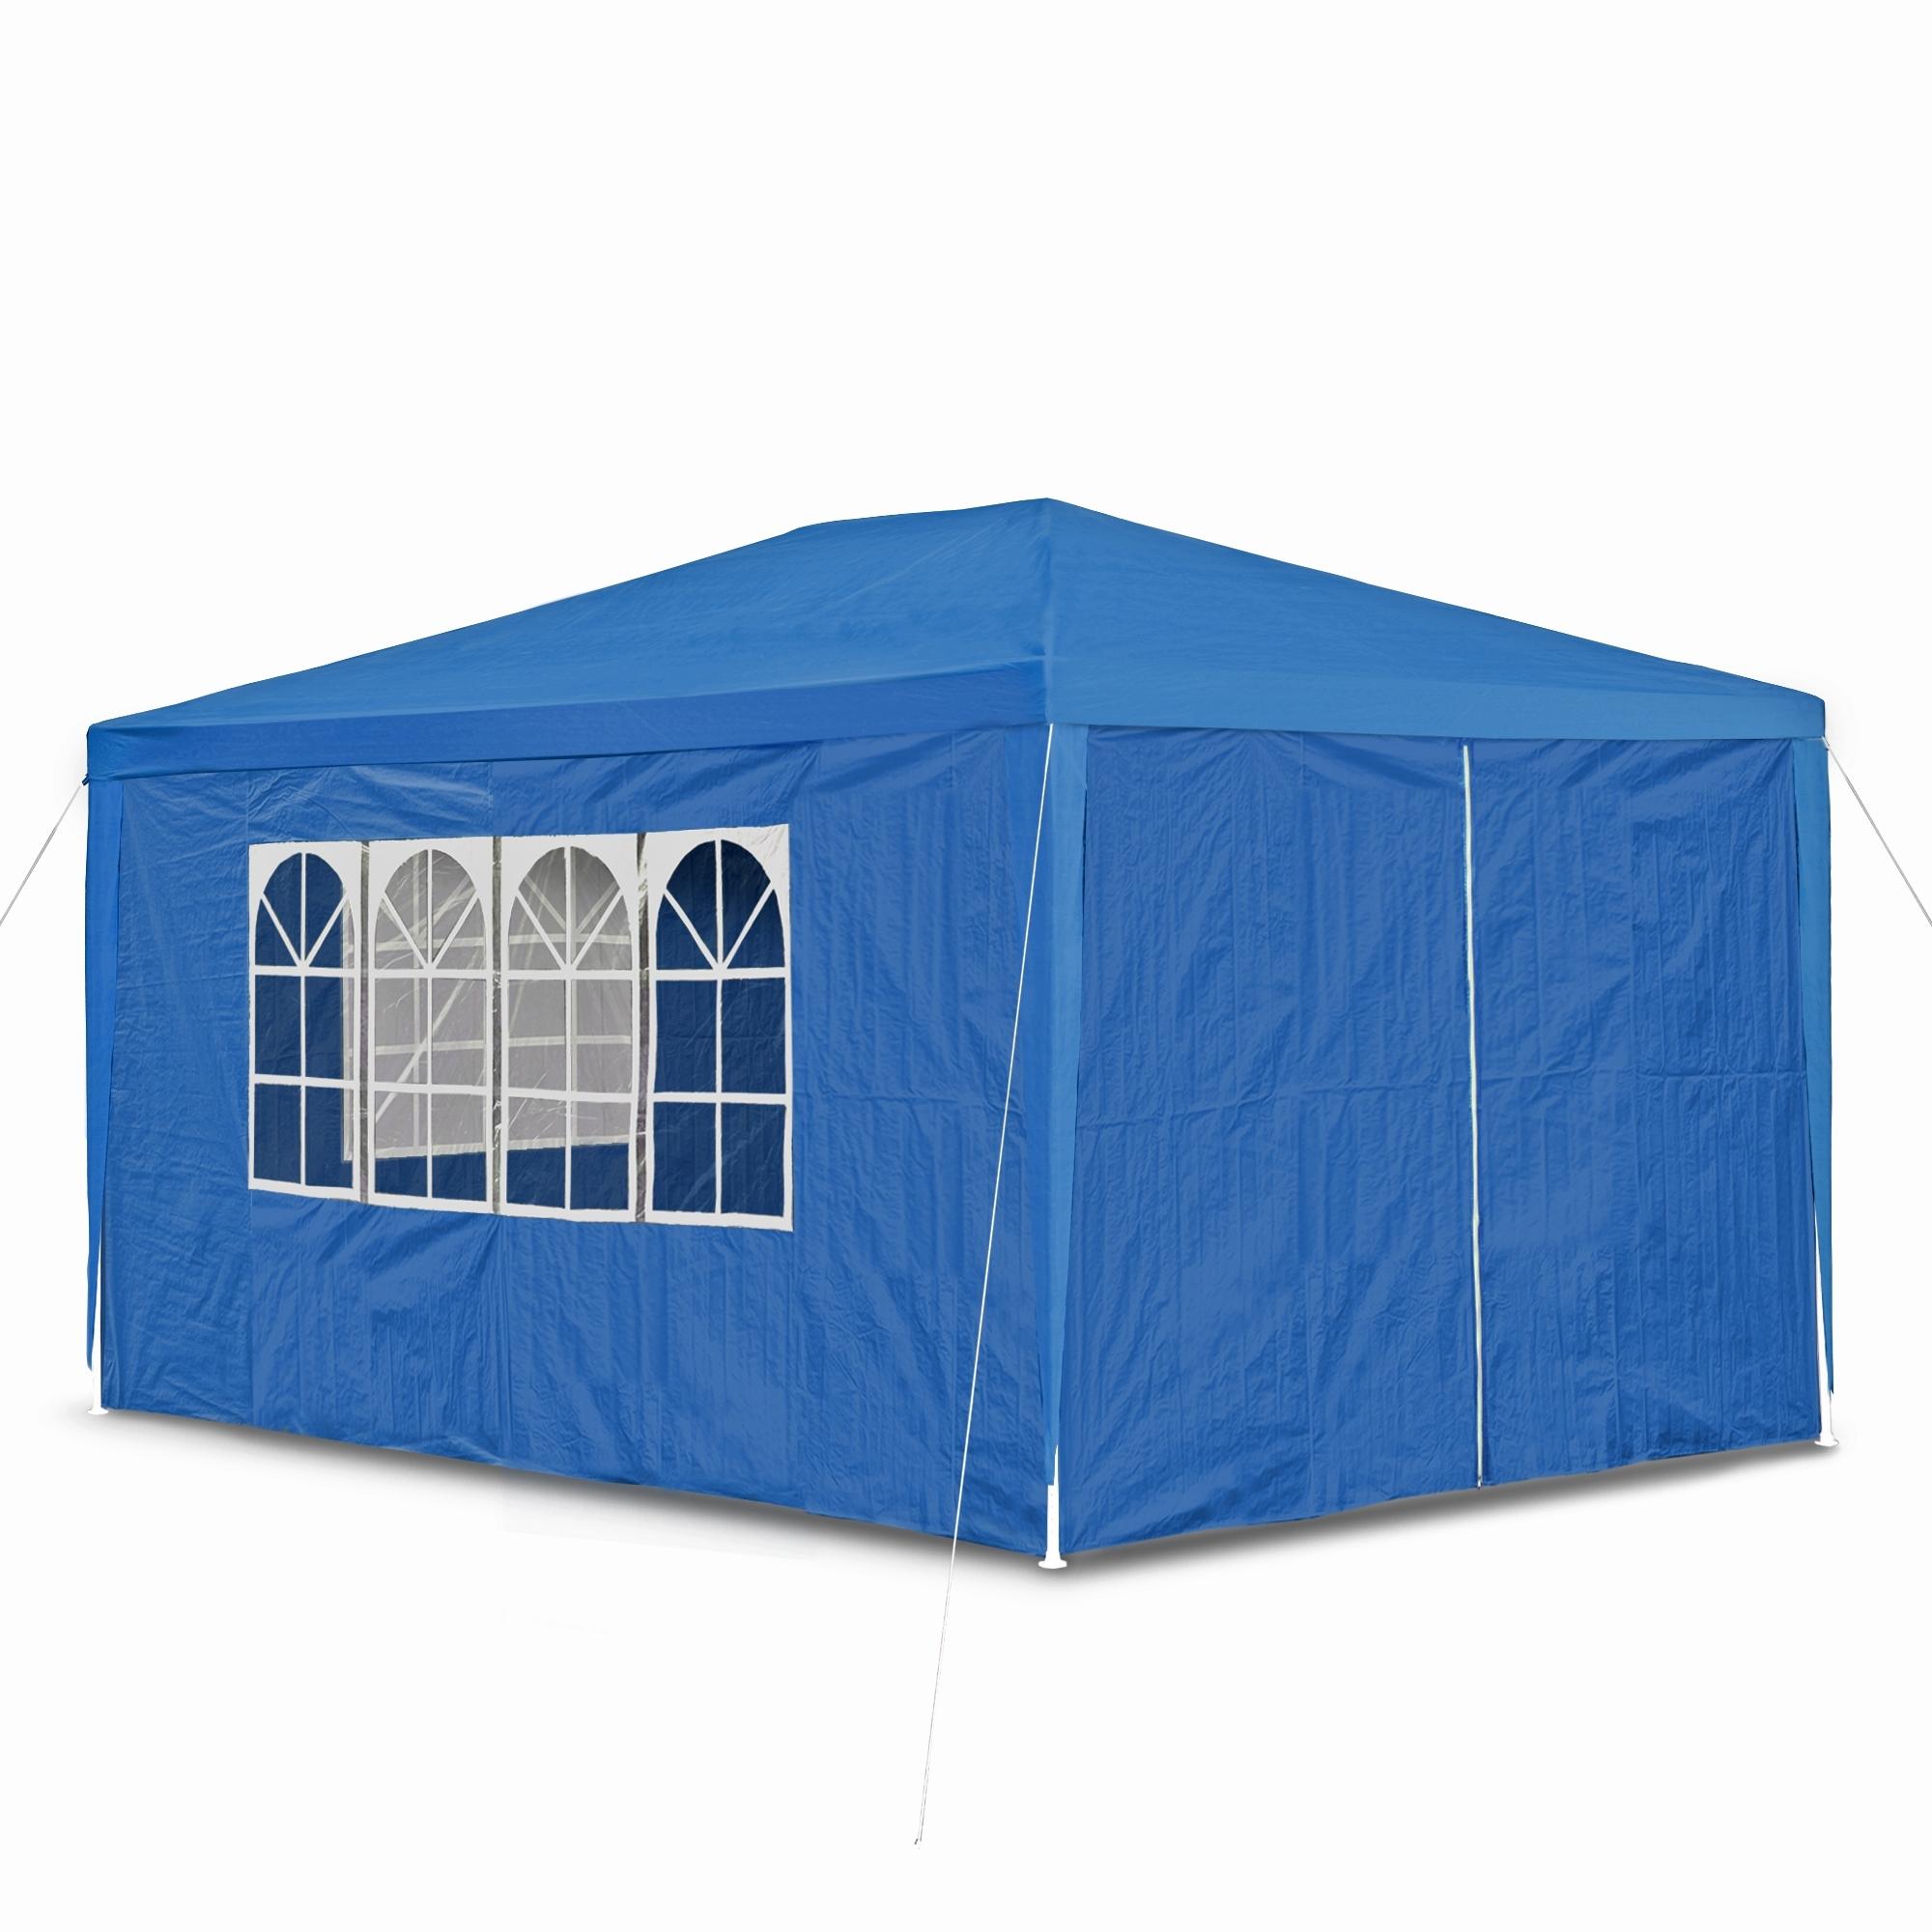 gartenpavillon 3 x 4 m mit 4 seitenw nden 3 x fenster und t r mit reisverschluss marine blau. Black Bedroom Furniture Sets. Home Design Ideas